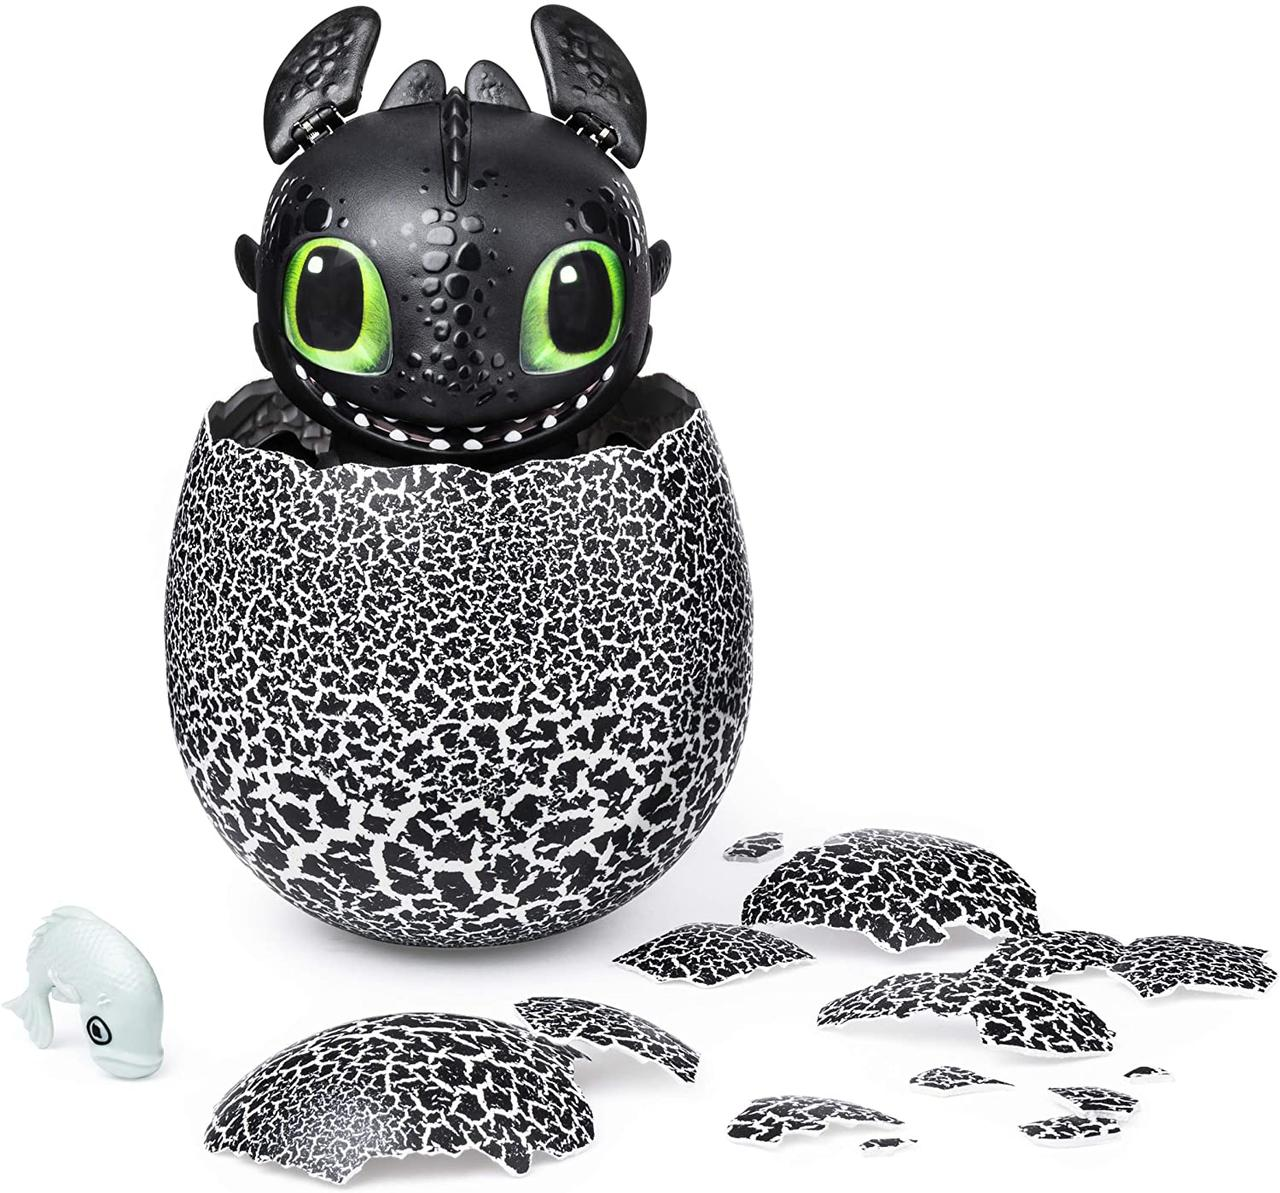 Интерактивный дракон Беззубик в яйце Как приручить дракона Dreamworks Dragons Hatching Toothless Dragon